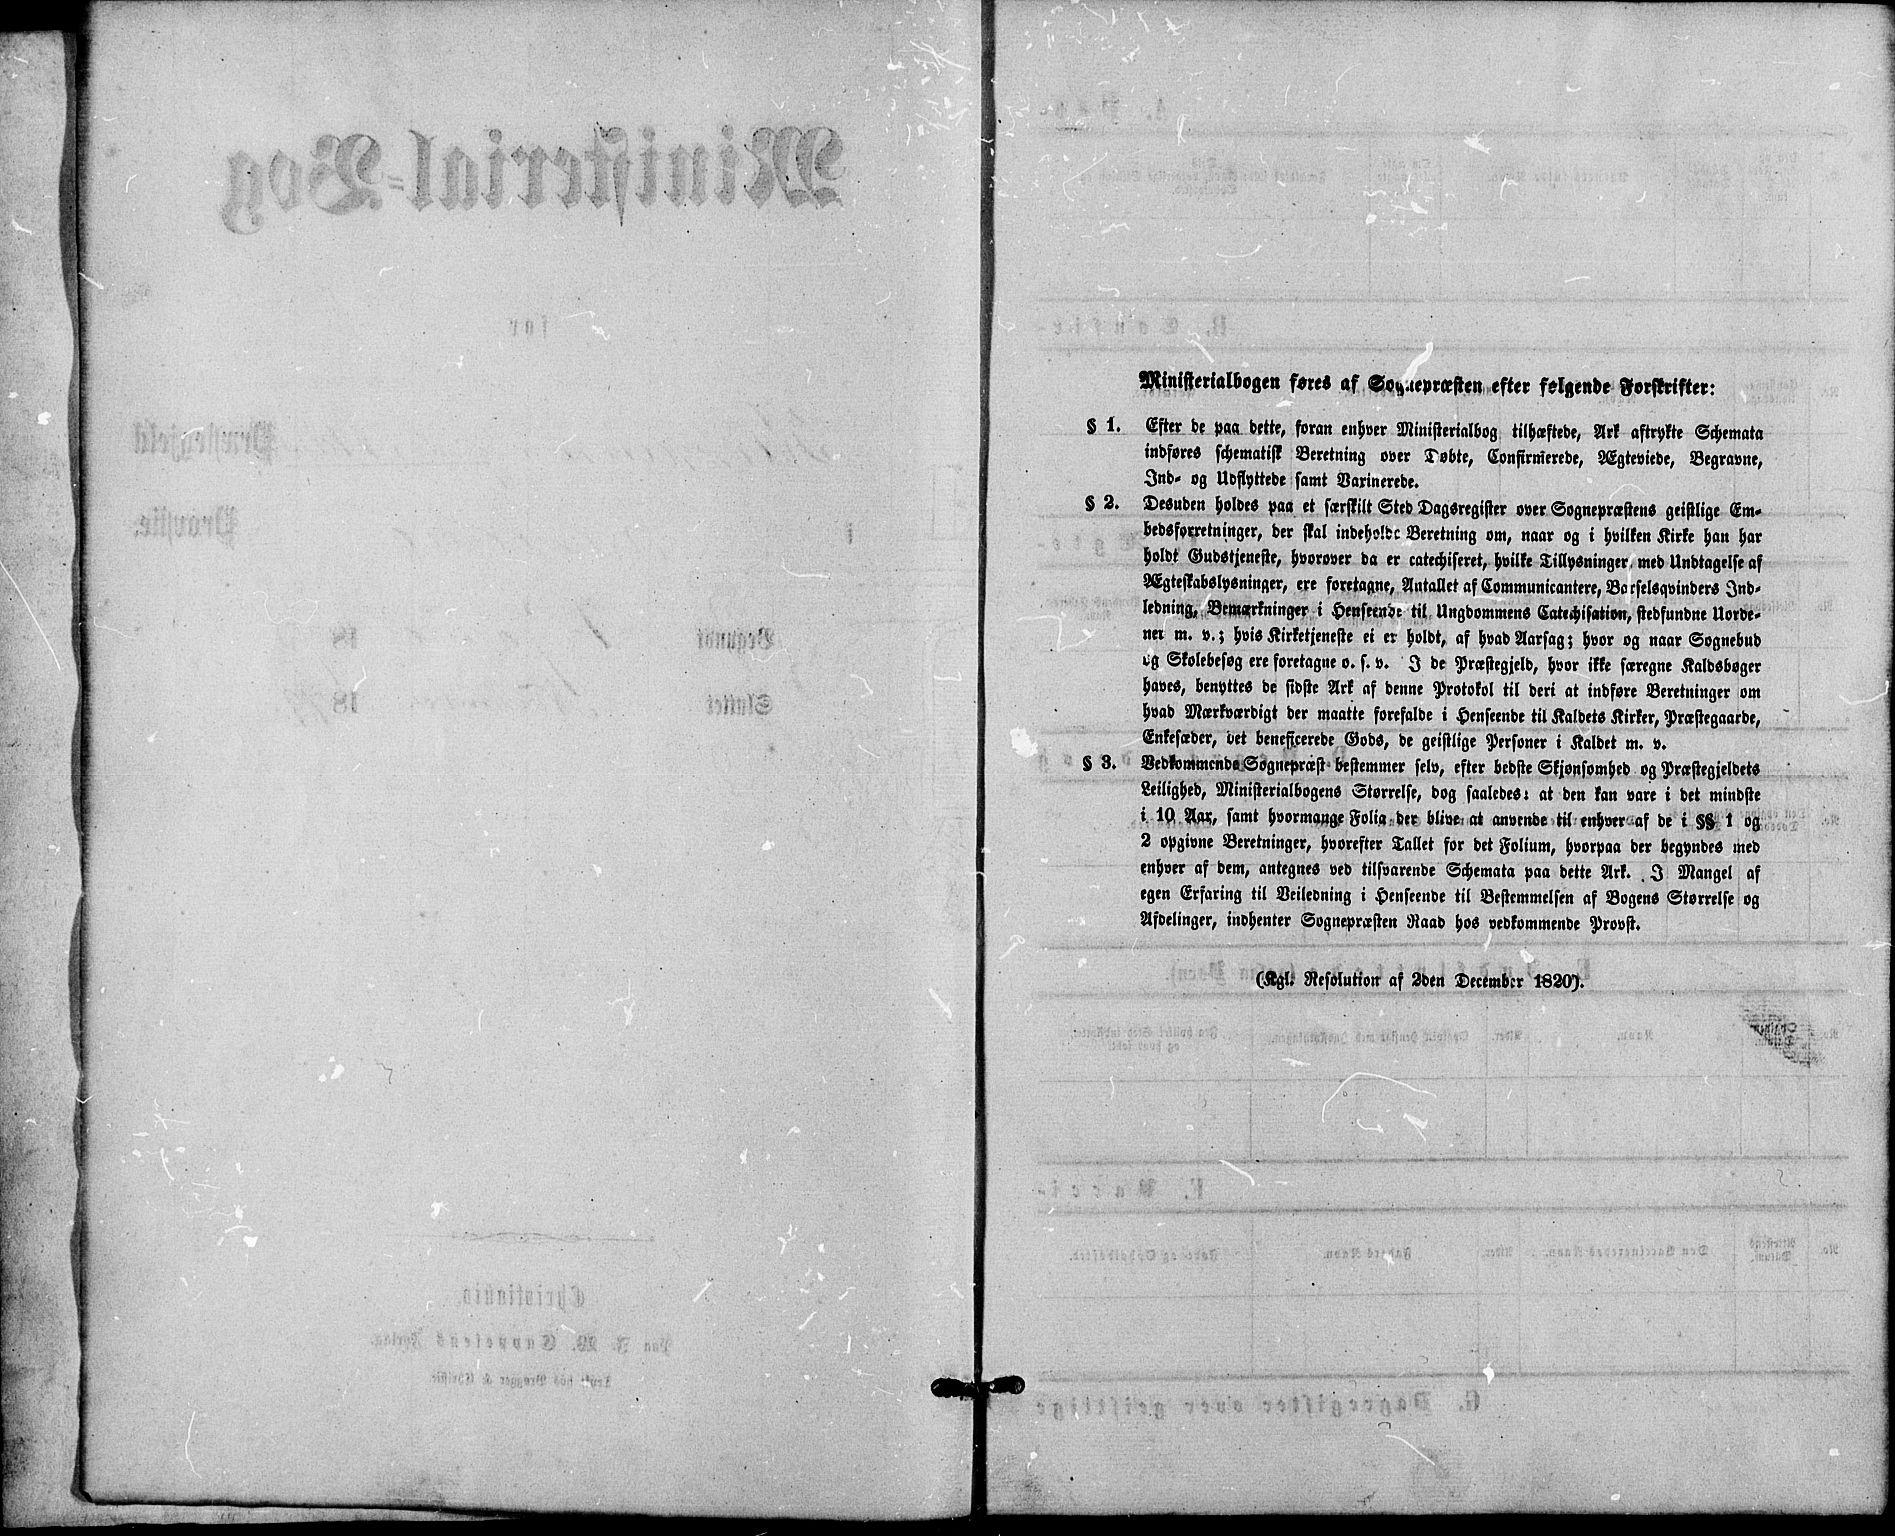 SAO, Gamle Aker prestekontor Kirkebøker, G/L0004: Klokkerbok nr. 4, 1875-1879